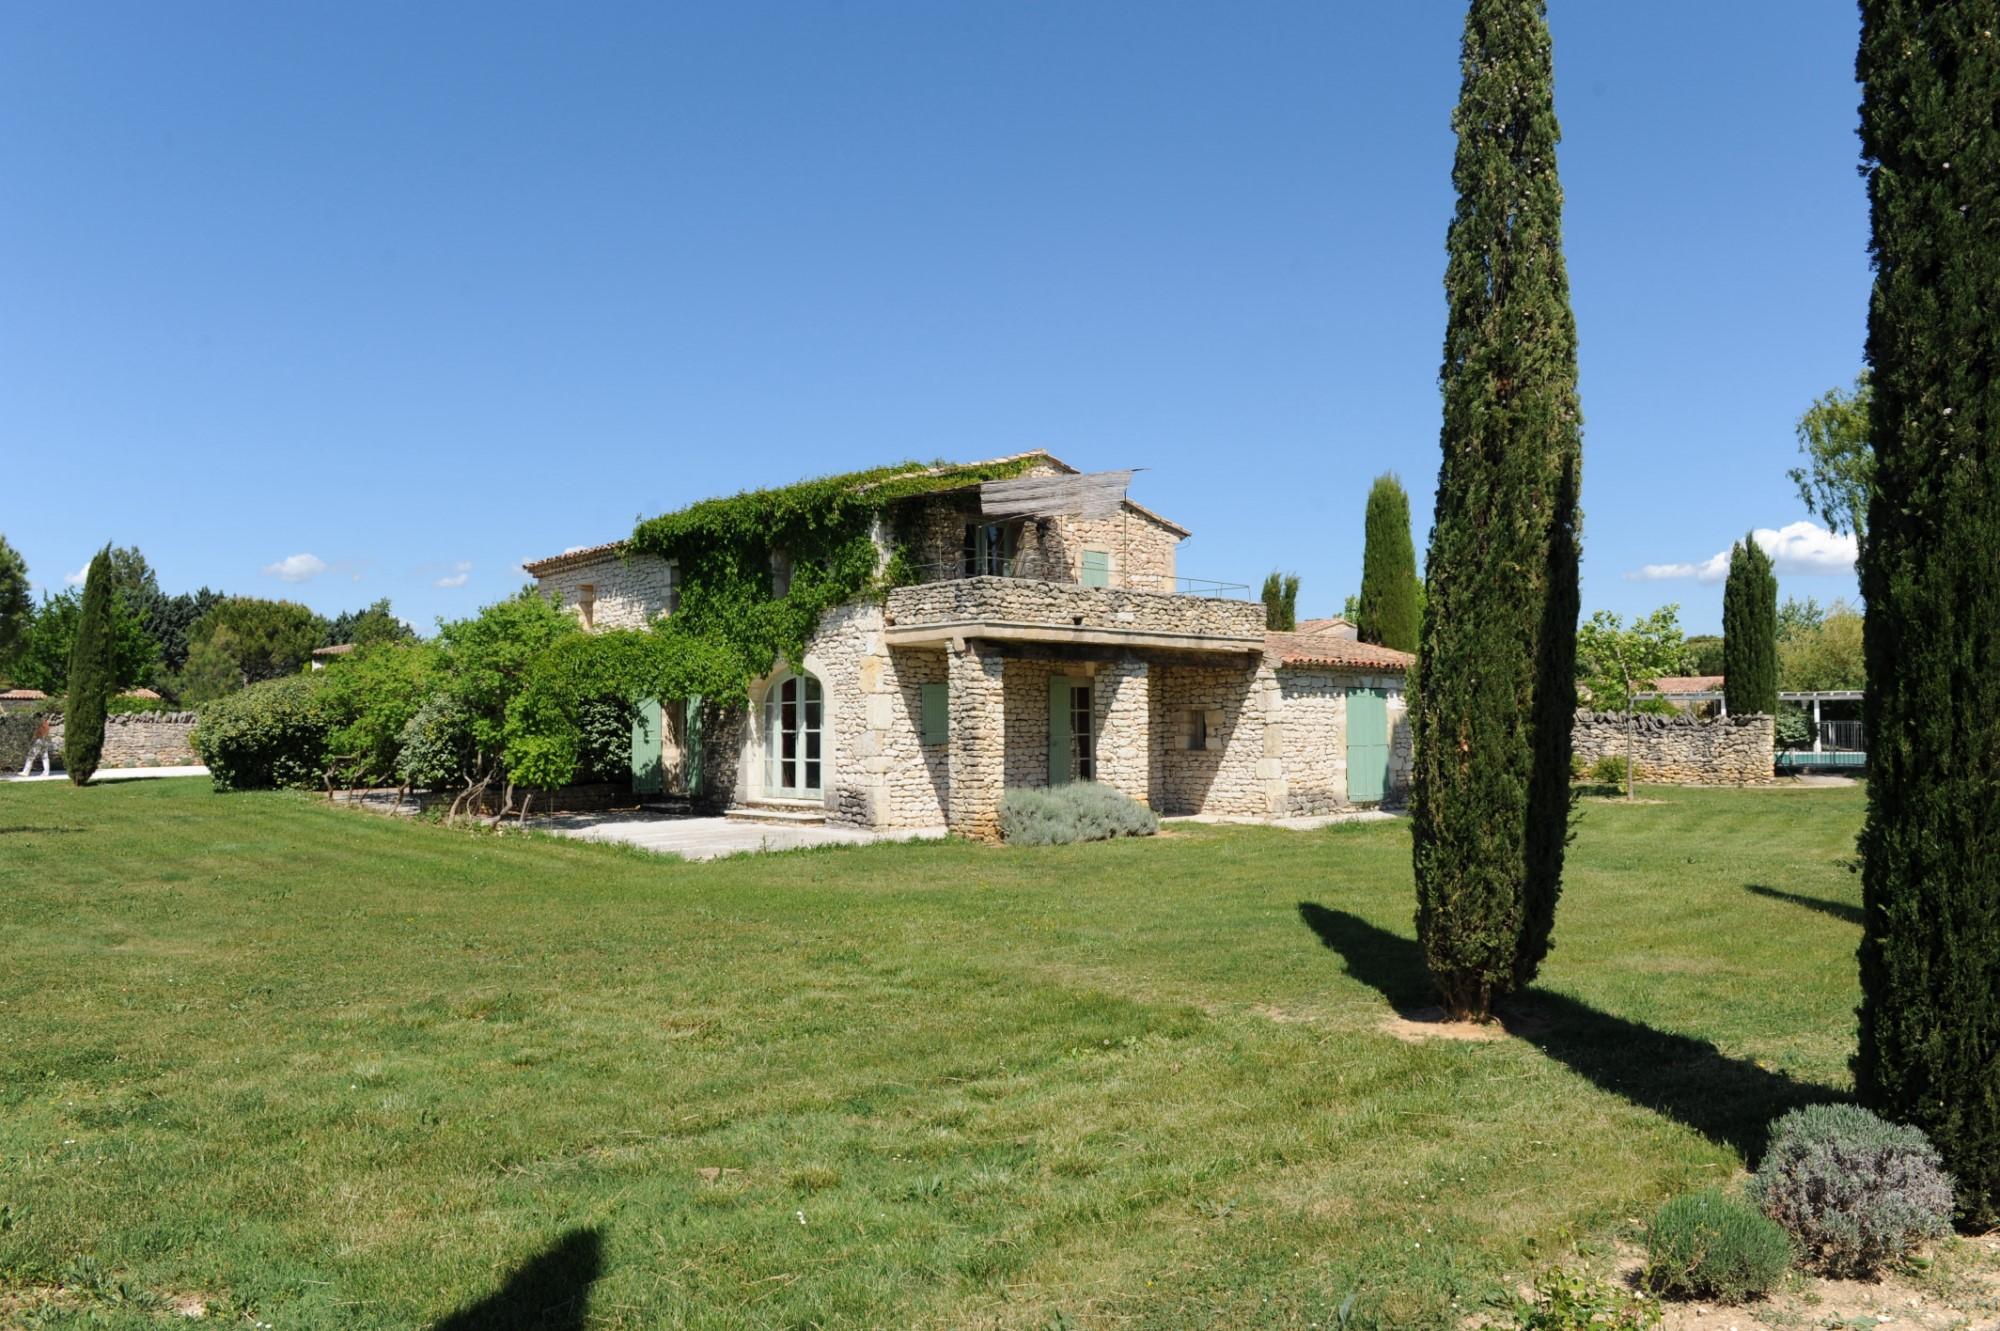 A vendre maison en Provence